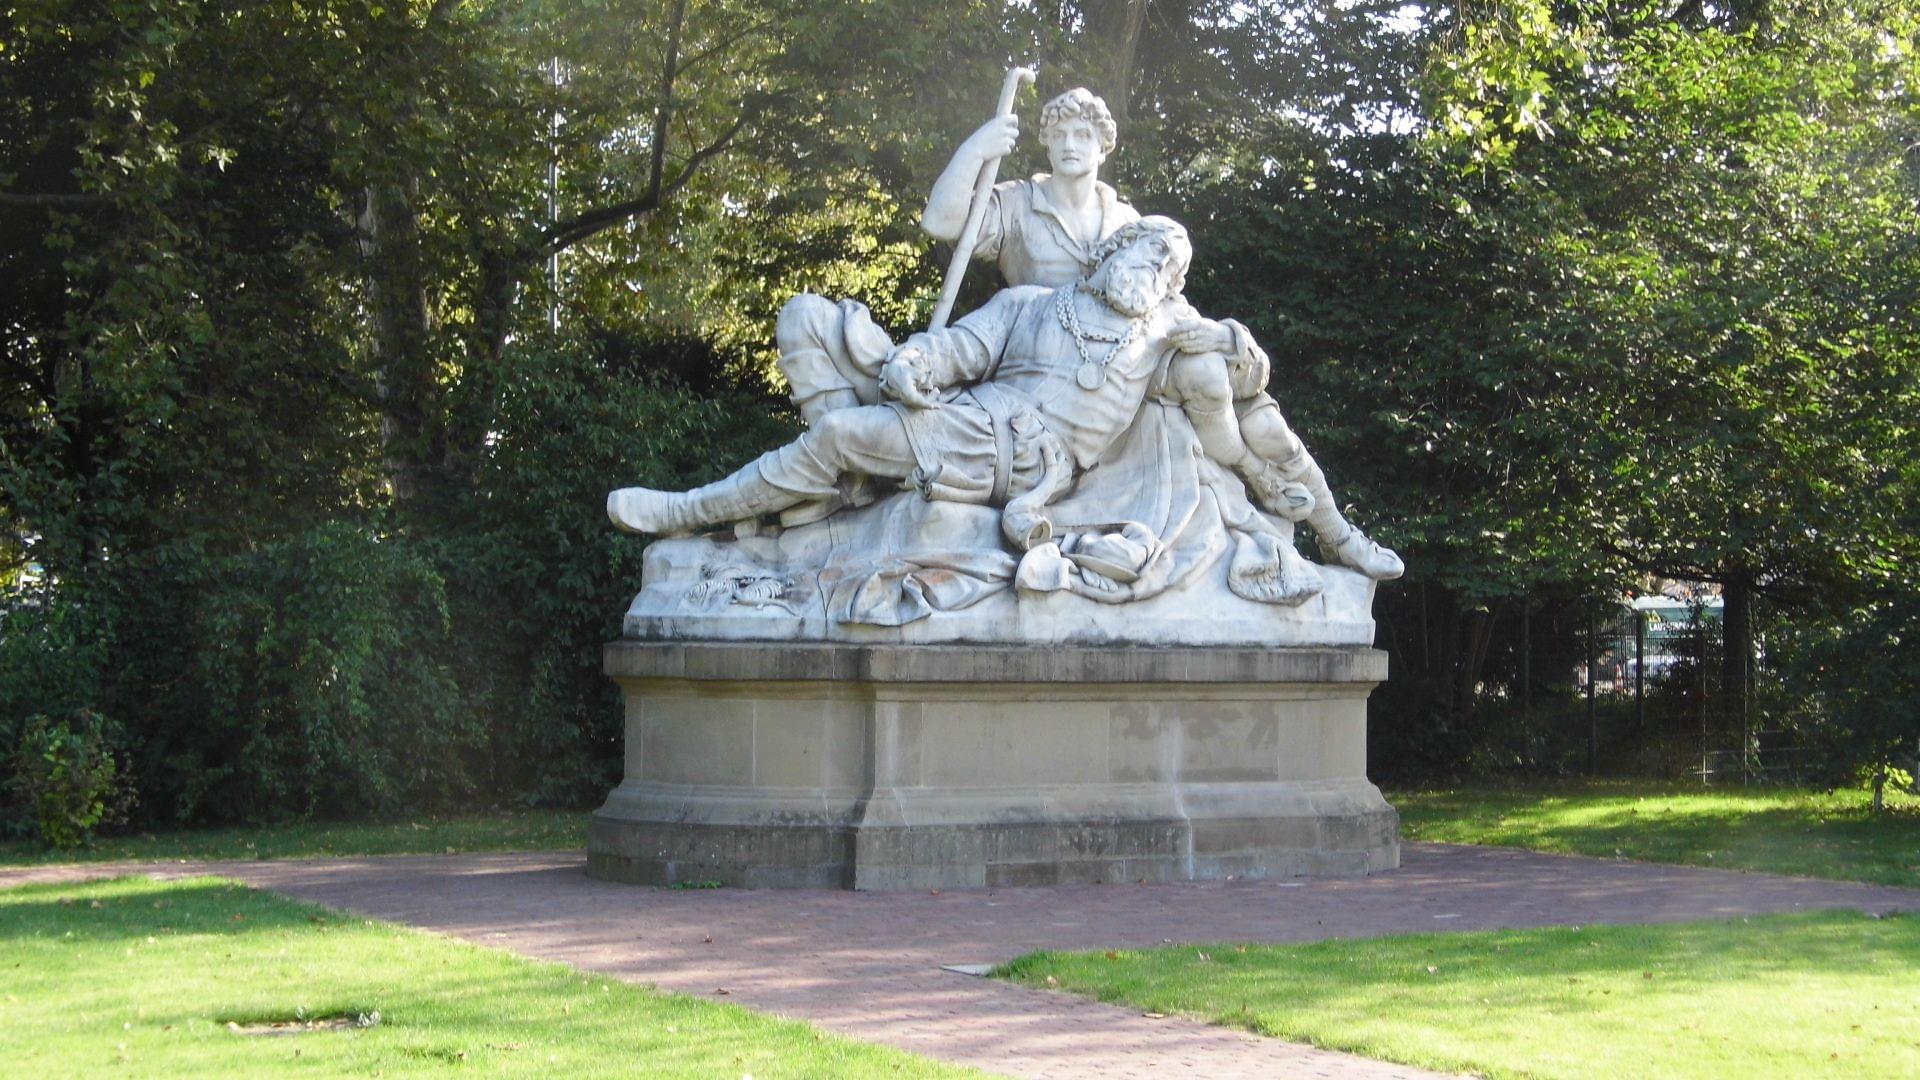 Eberhardsgruppe im Schlossgarten